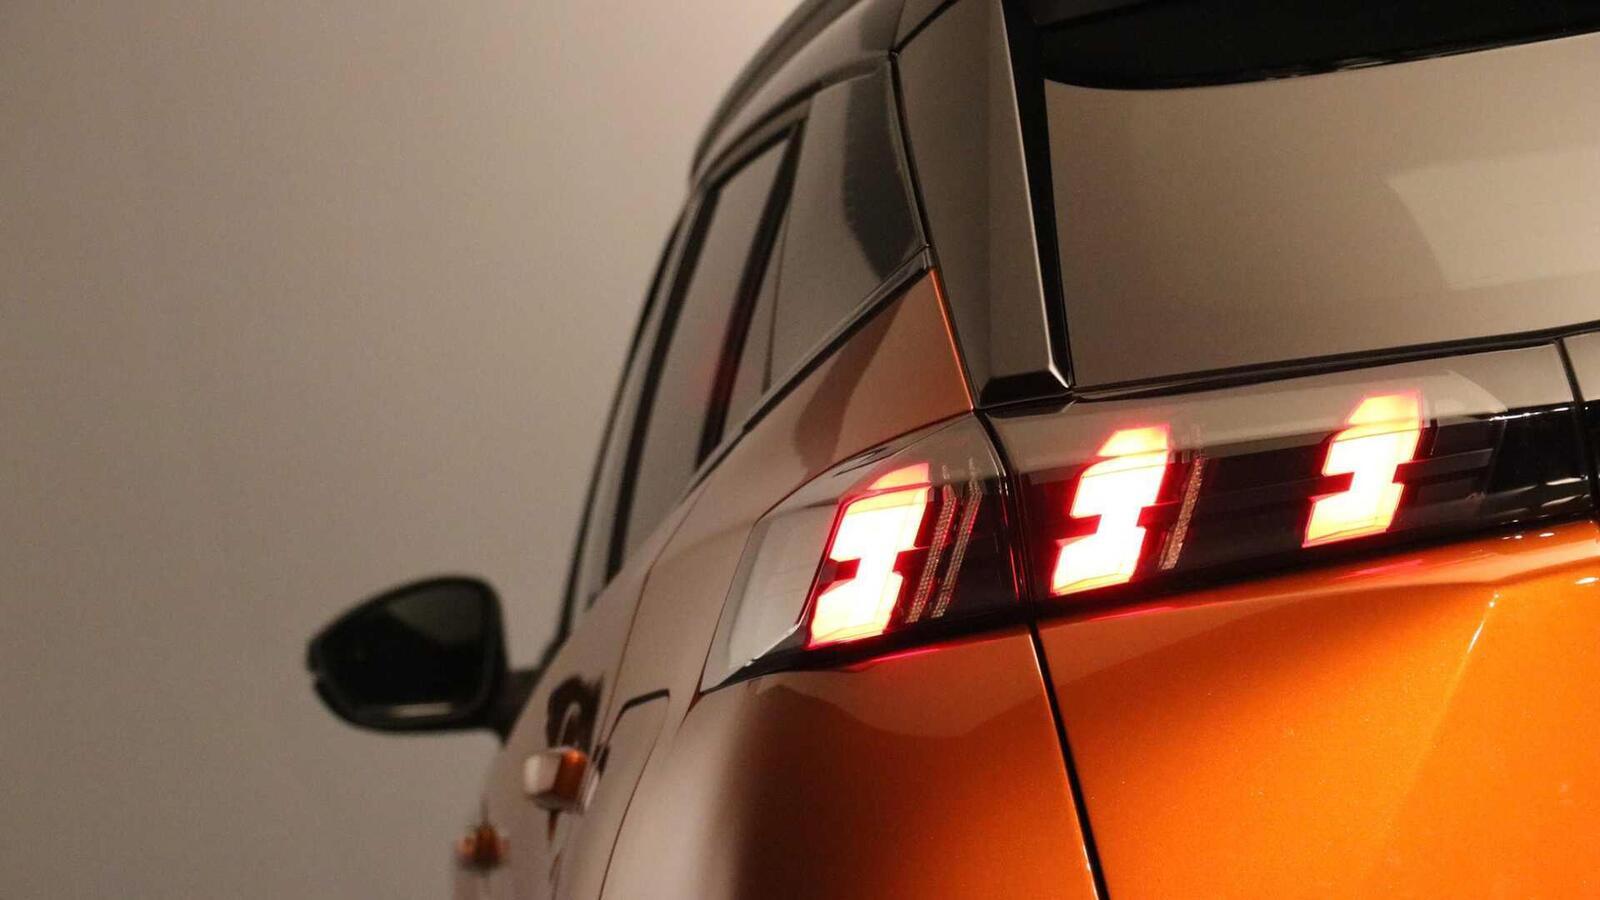 Peugeot giới thiệu 2008 thế hệ mới: Đối thủ của Ford EcoSport hay Honda HR-V - Hình 5